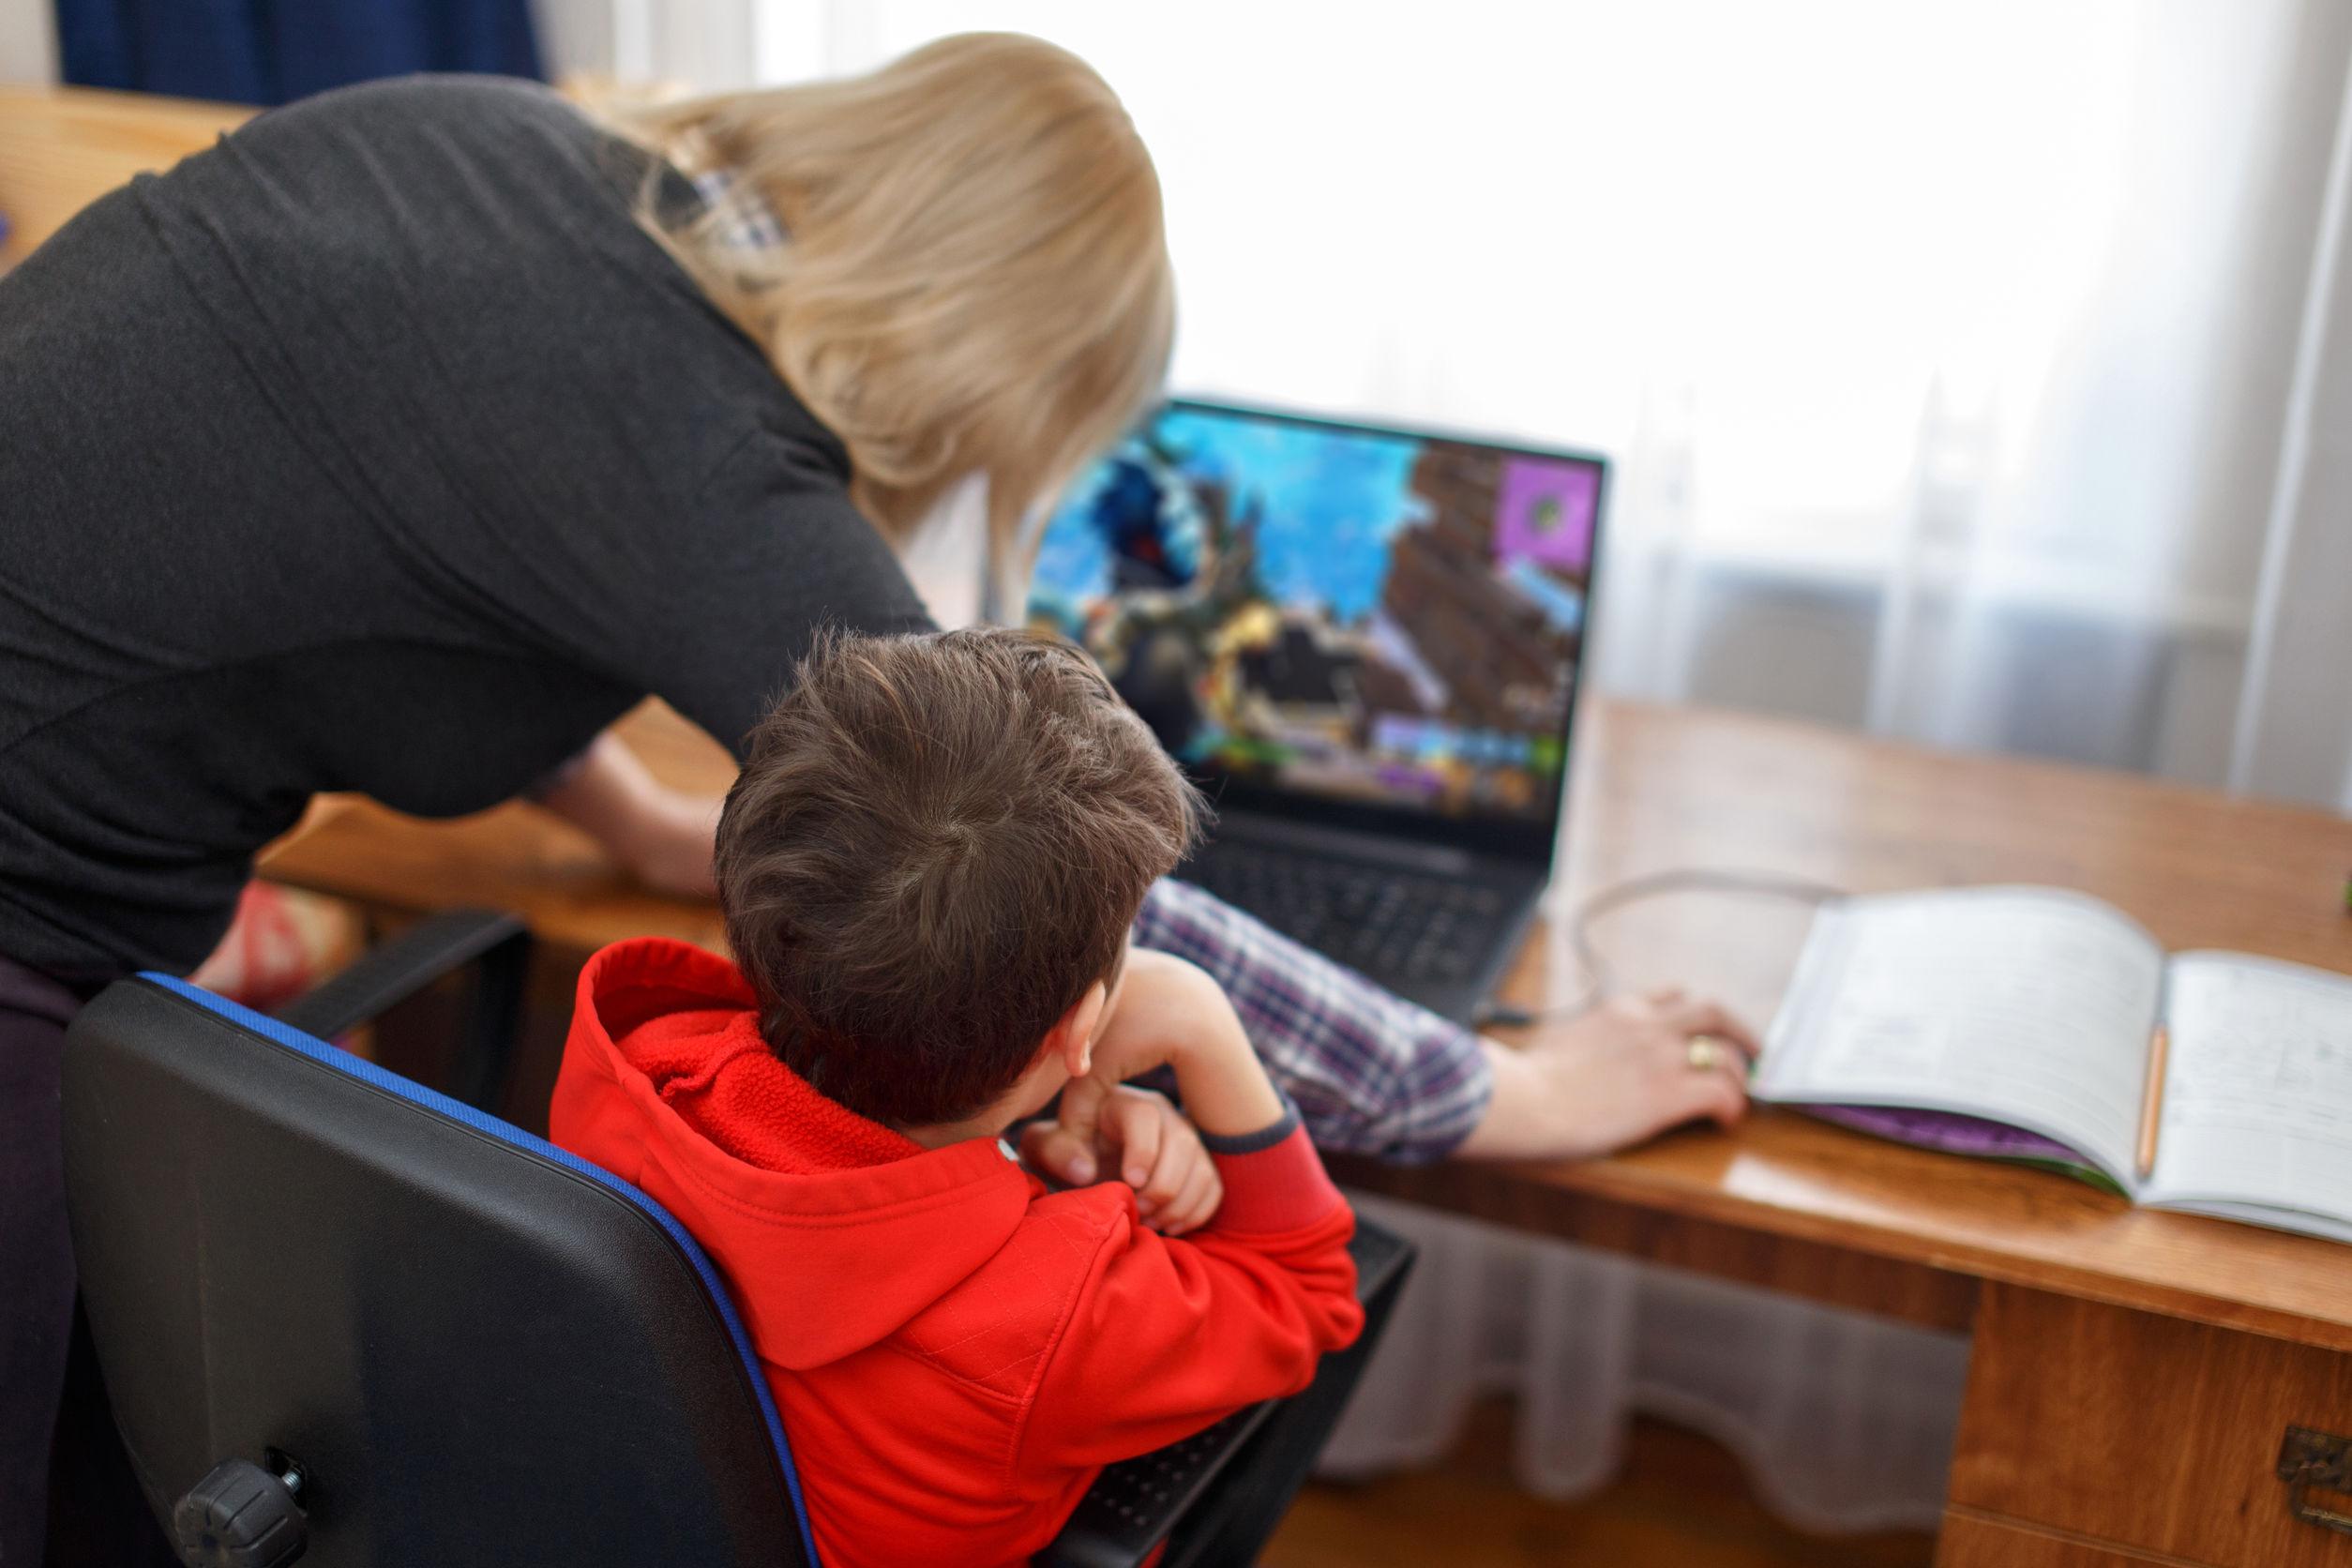 Madre supervisando hijo que juega en la computadora